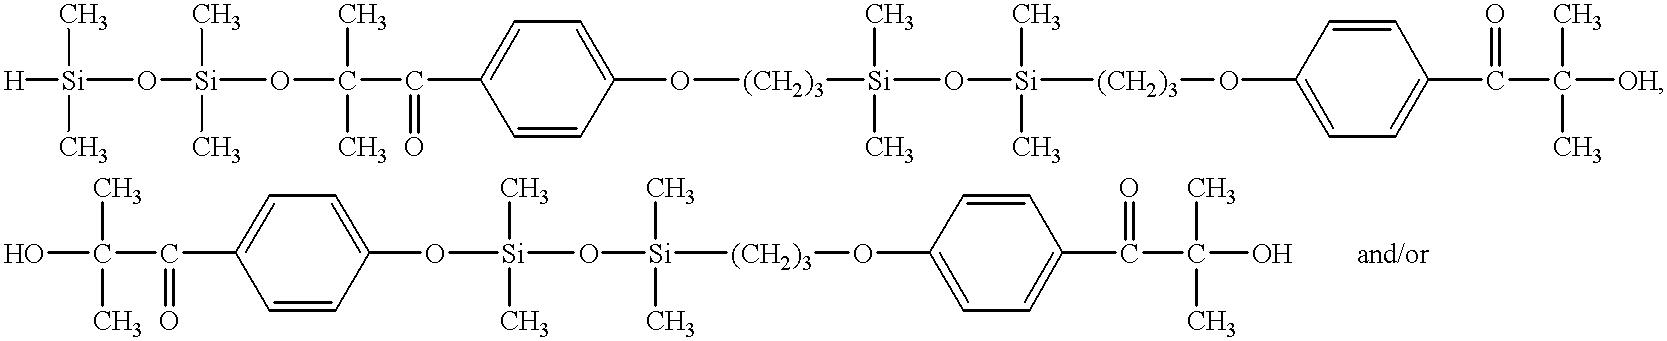 Figure US06376568-20020423-C00038